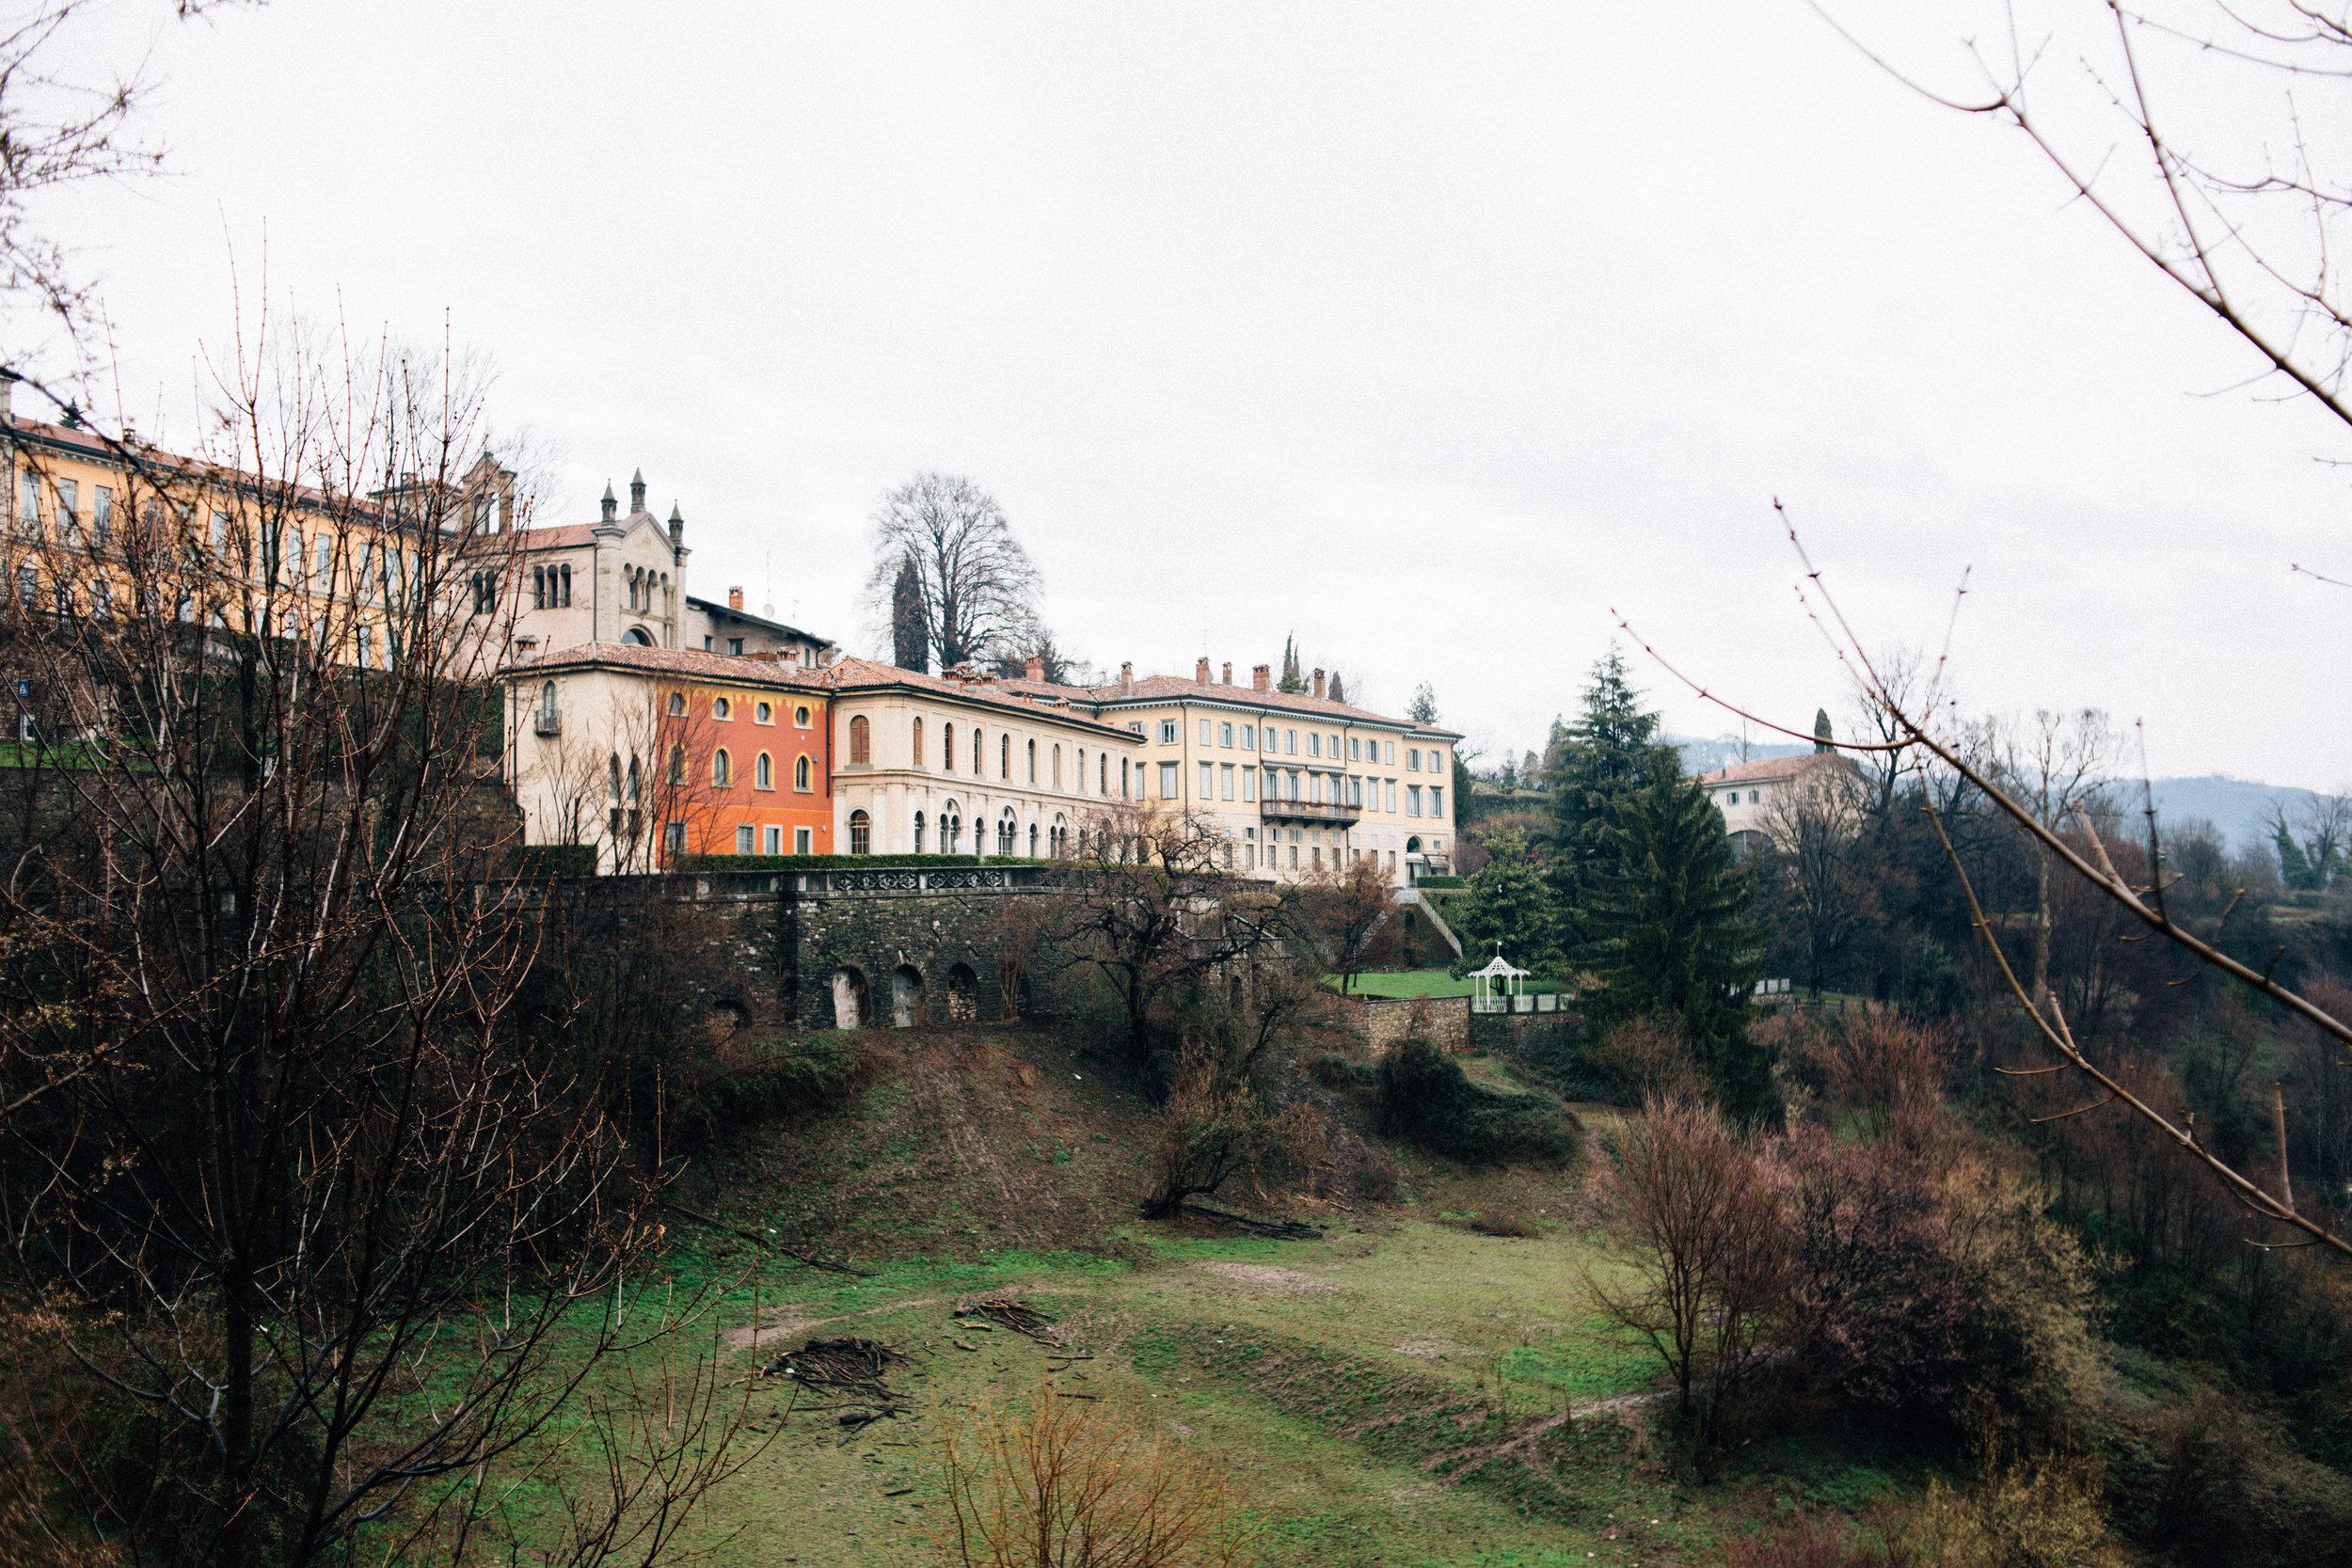 035 - Bergamo.jpg